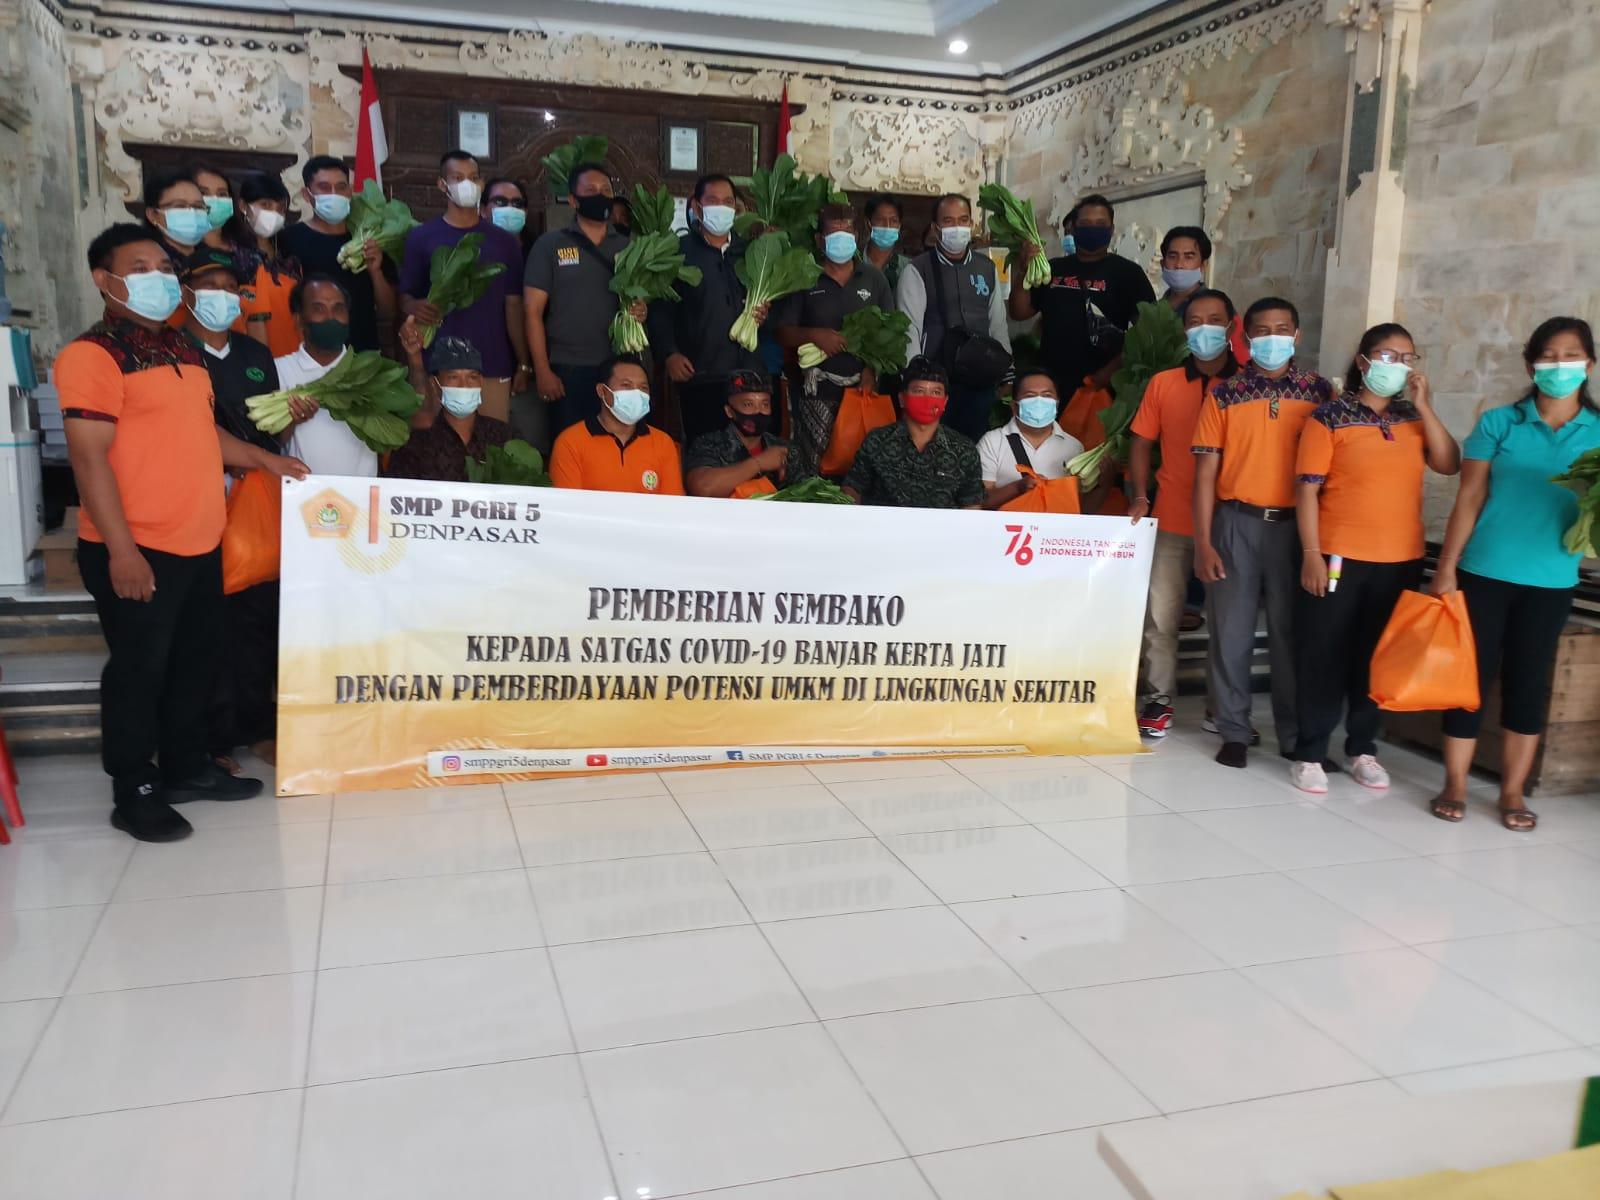 Plt. Kepala SMP PGRI 5 Denpasar, Made Raditya Berata, bersama staf saat membagikan paket sembako dan sayur pada Satgas Covid-19 dan warga di lingkungan Banjar Kertajati, Desa Pemecutan Kaja, Denpasar Utara, Senin (16/8/2021). Foto: ist